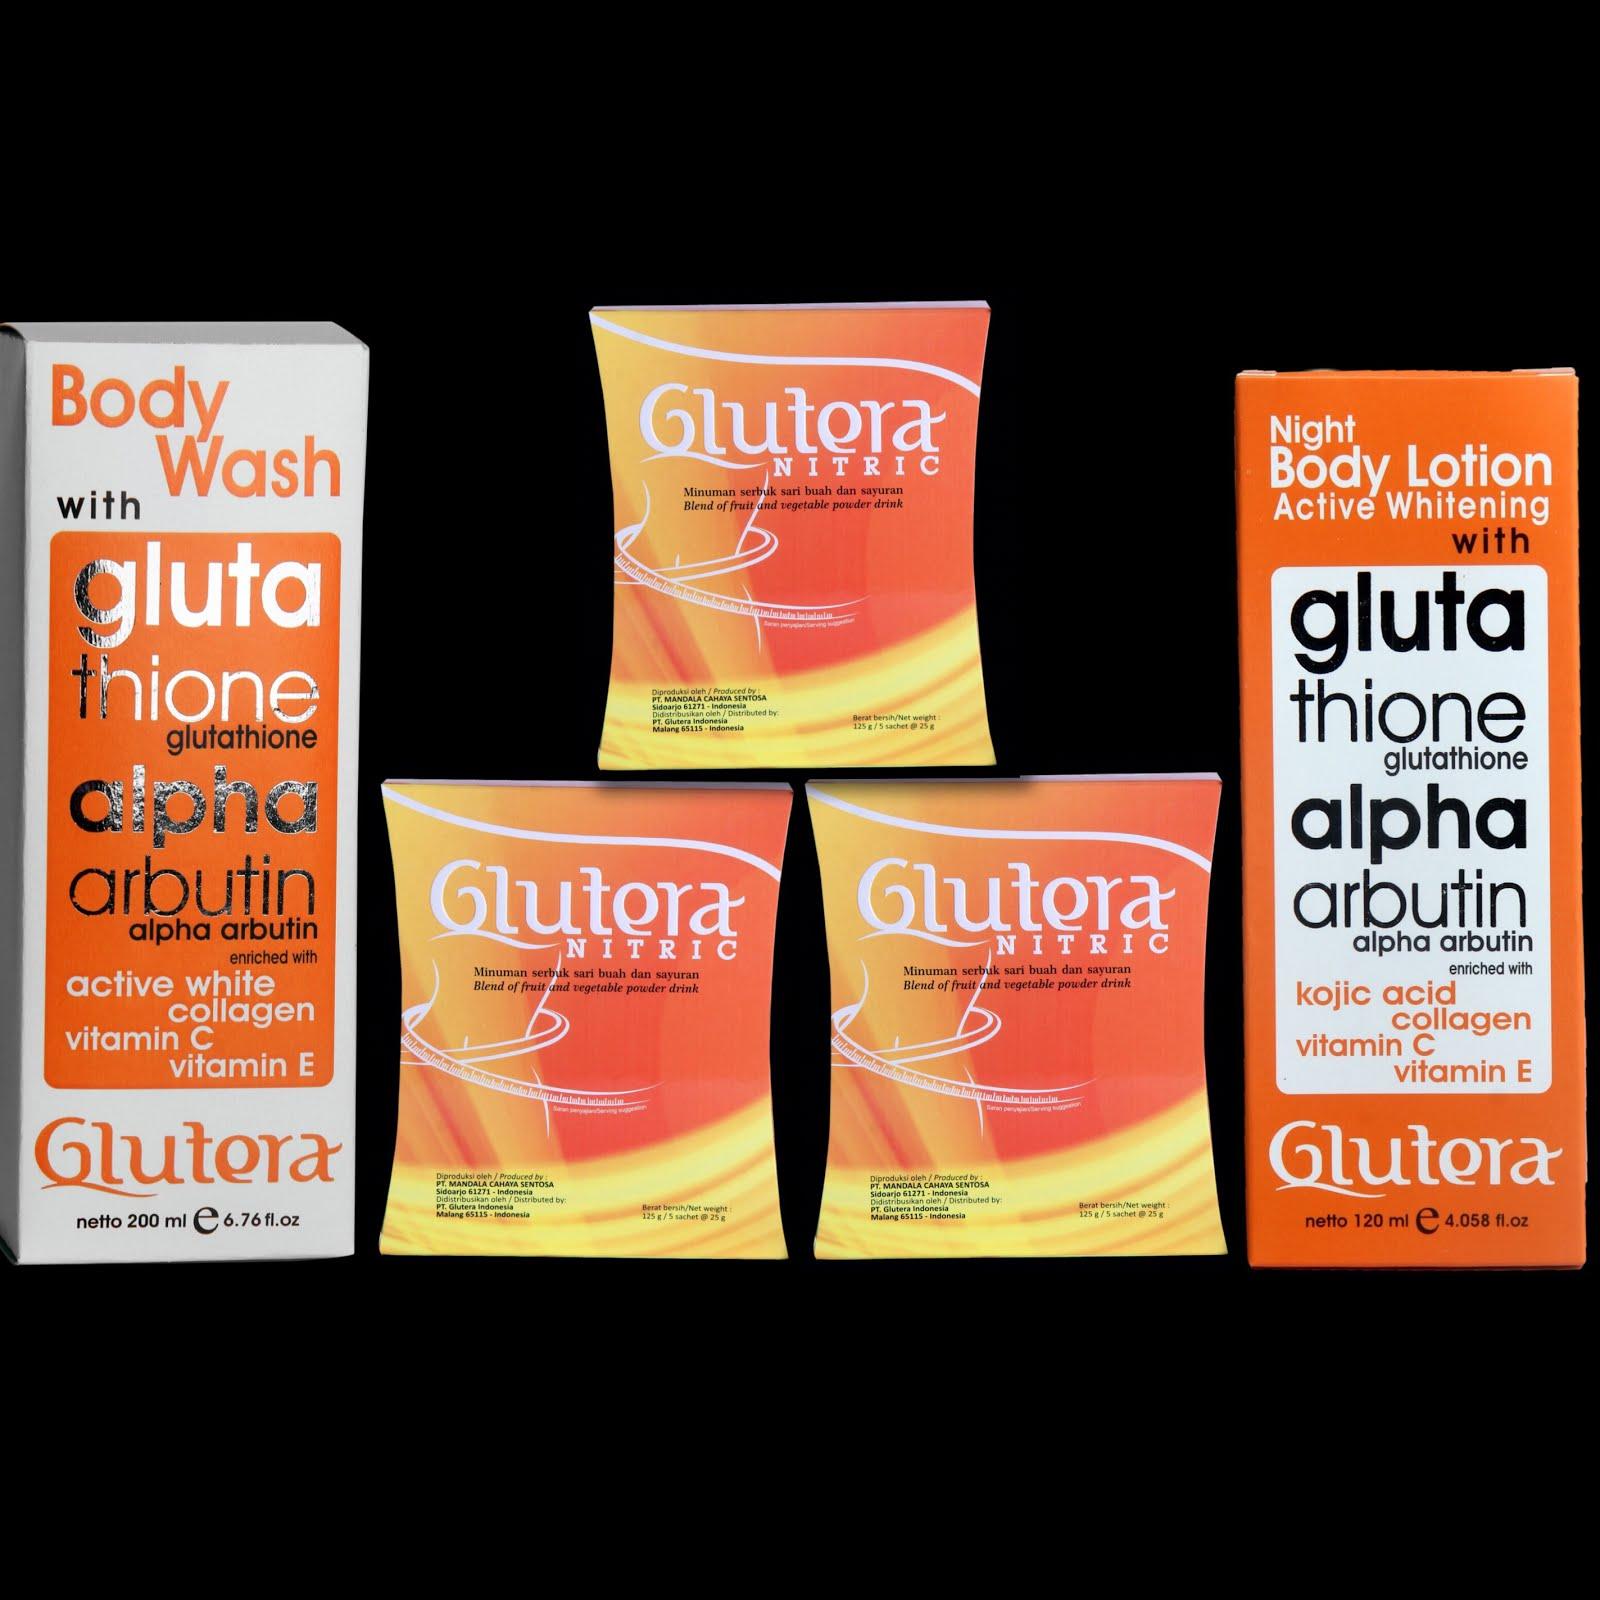 Paket Glutera Nitric